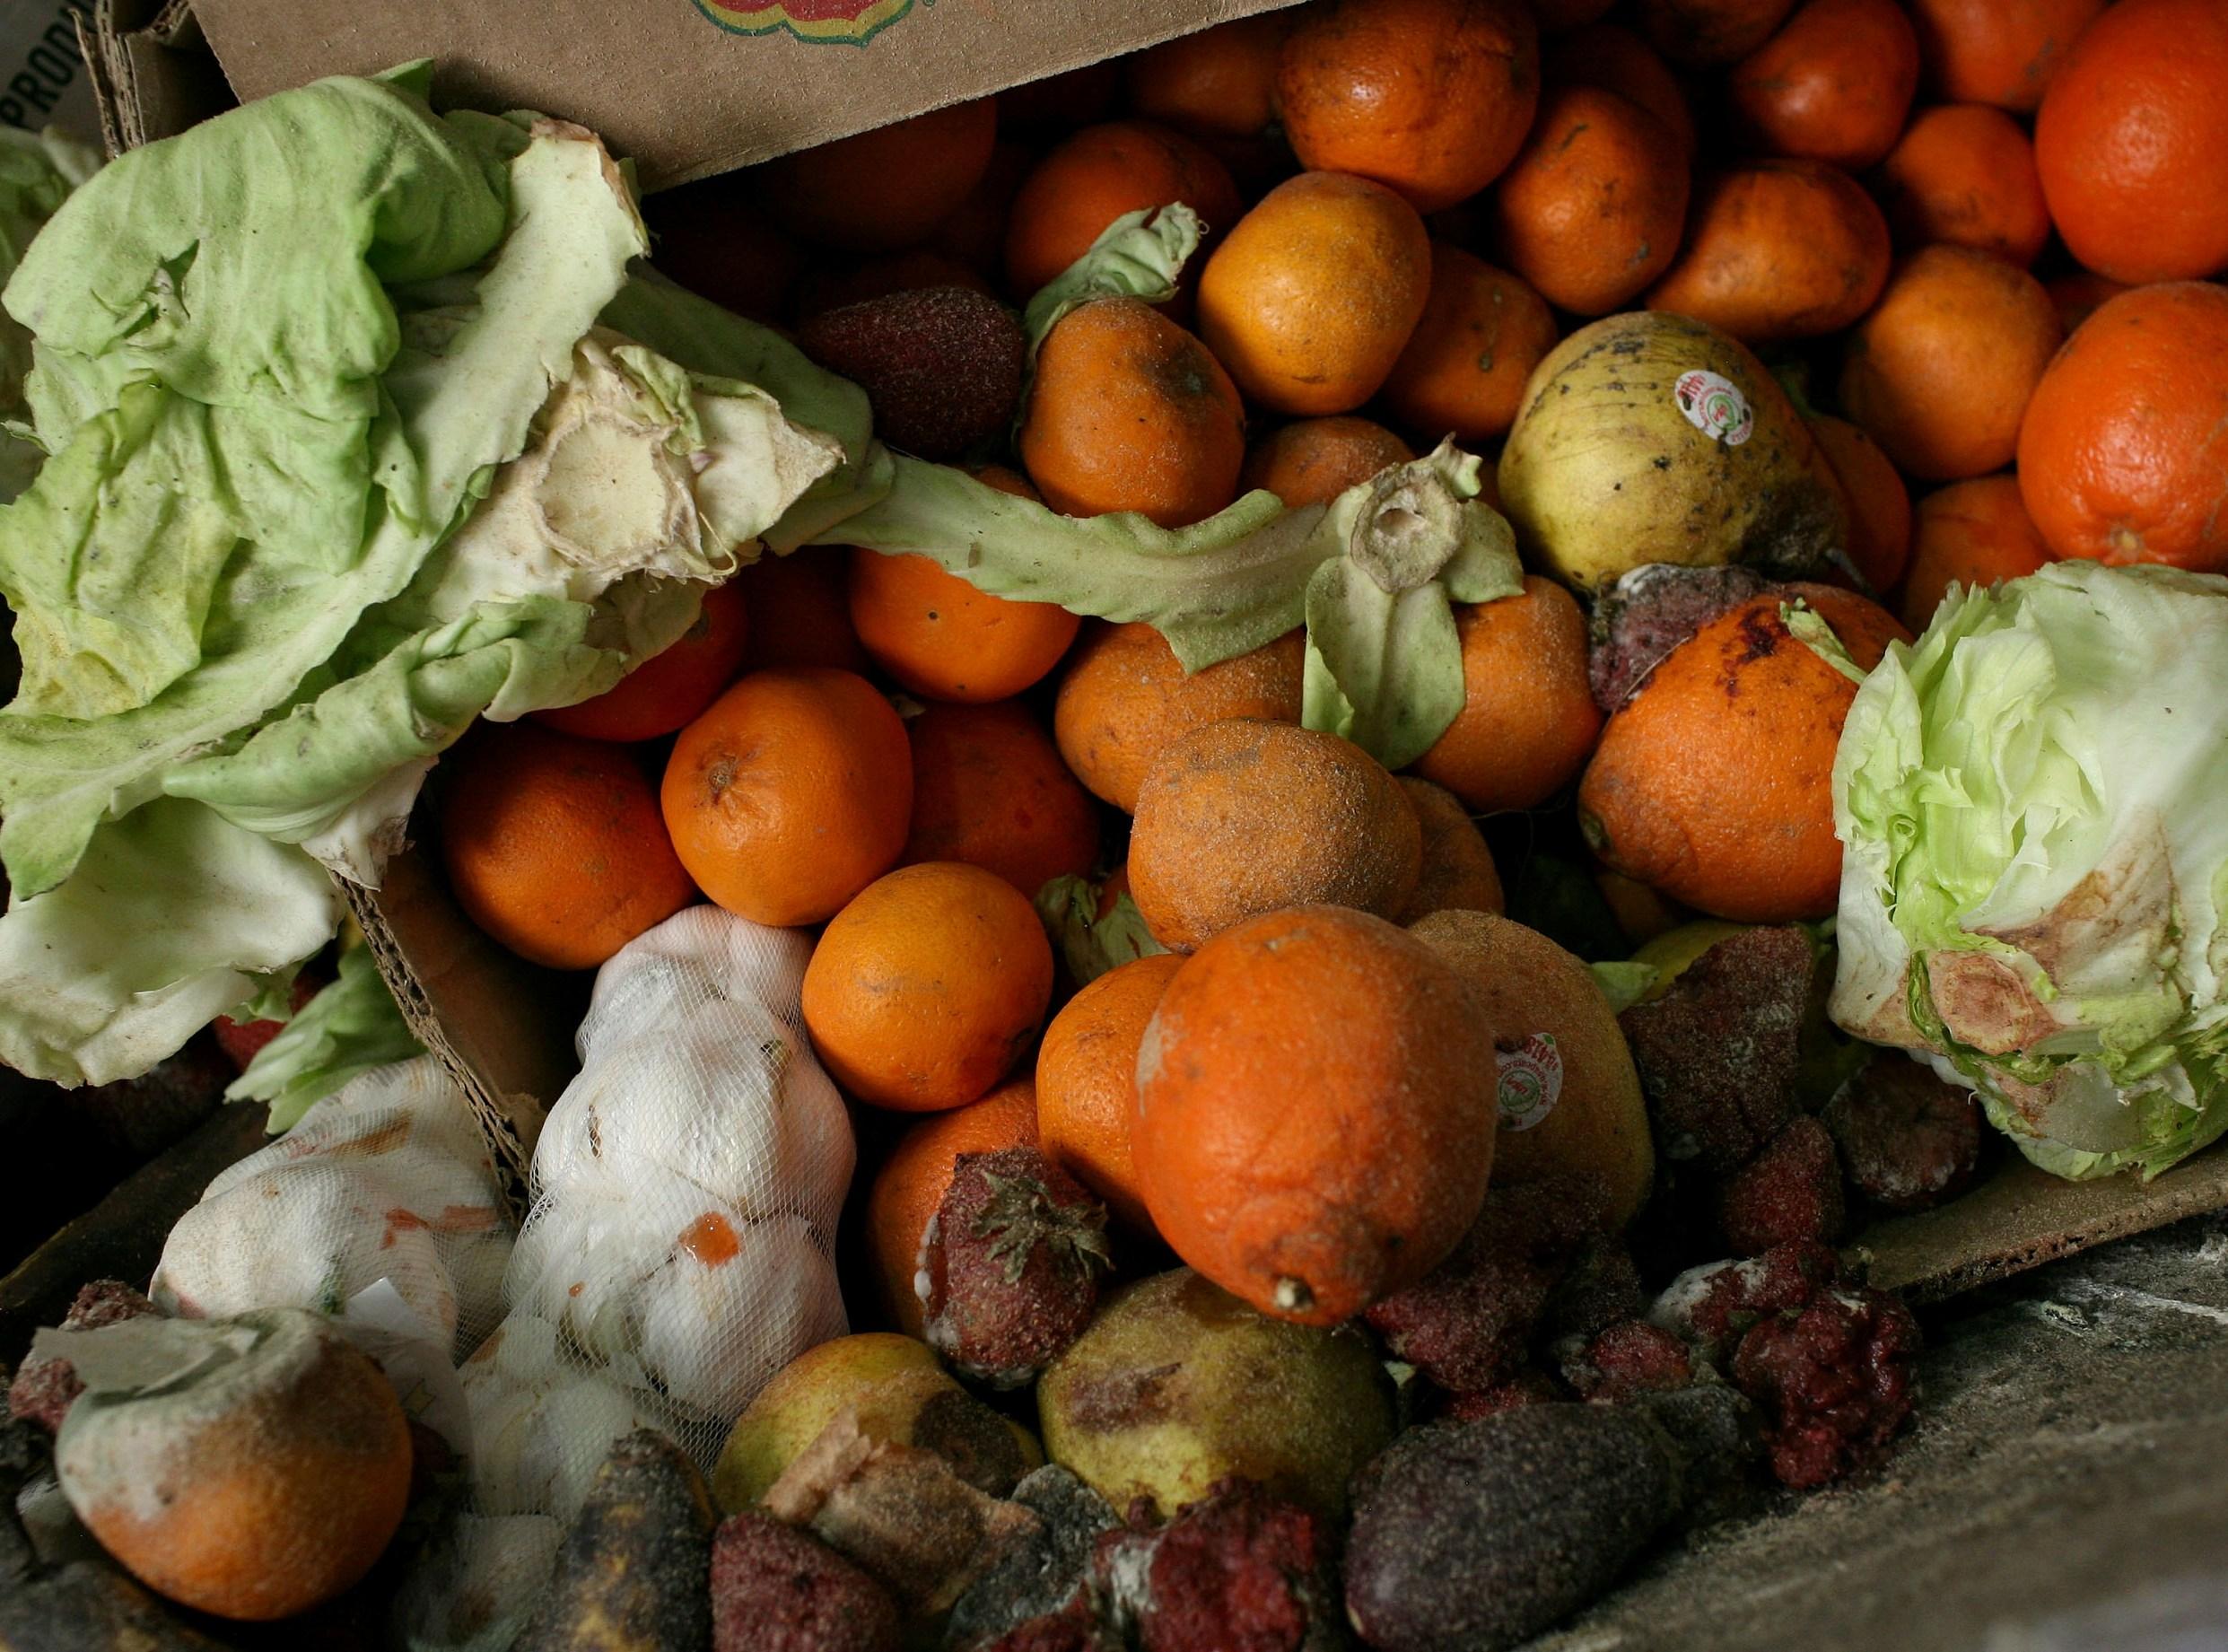 продукты для здорового питания купить оптом